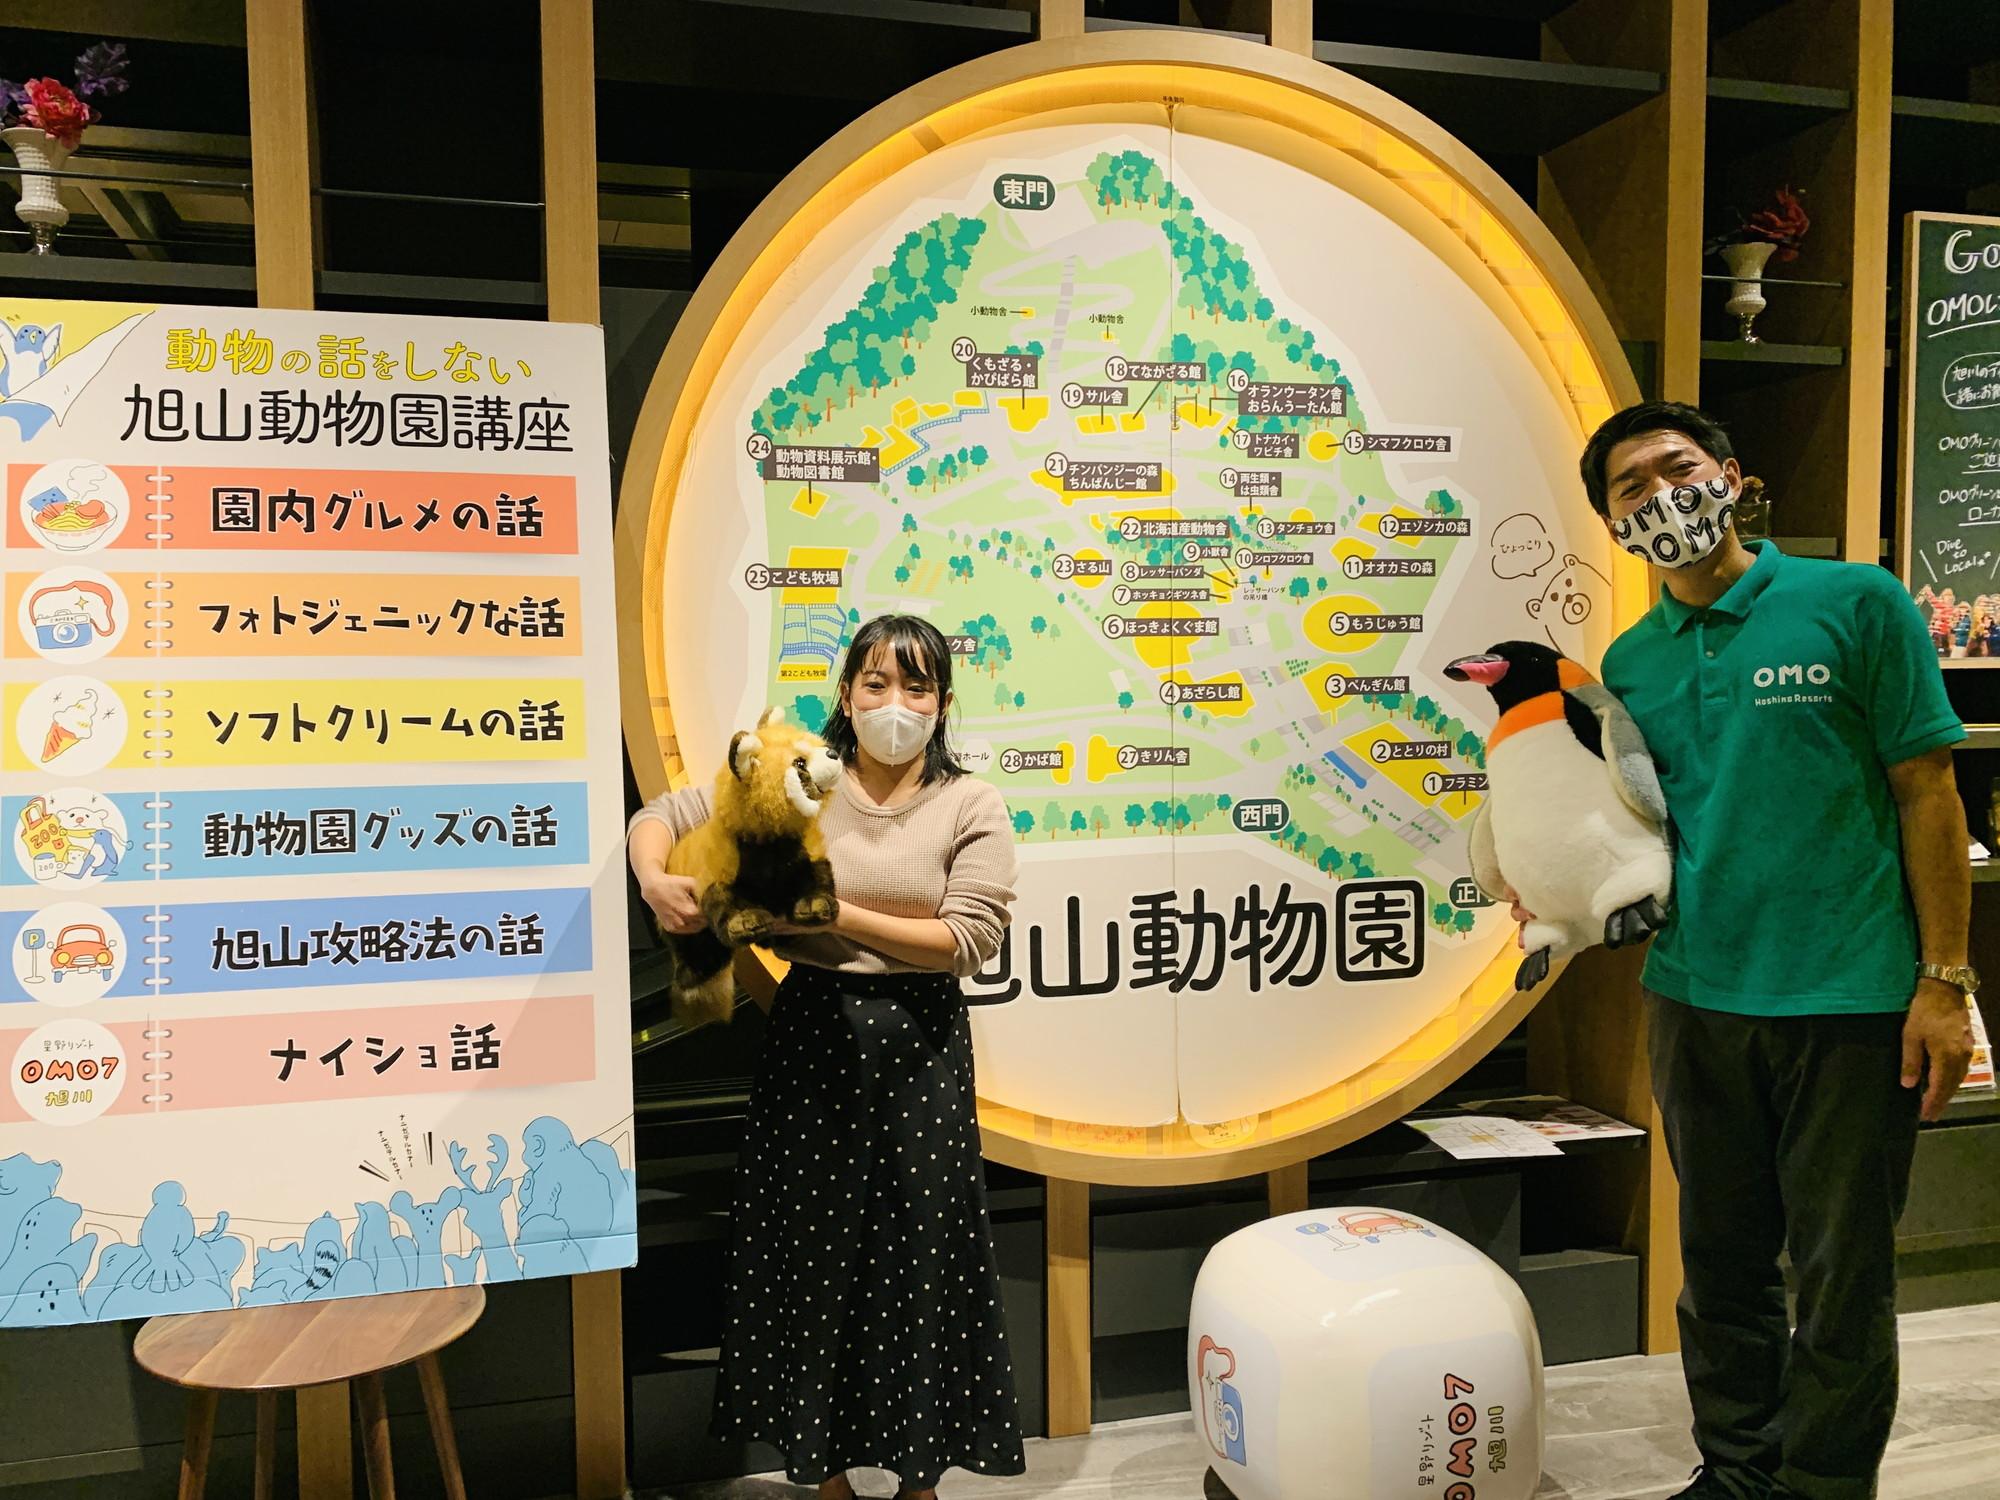 「旭川大好き」と話す大久保貴之さんと角田貴代さん